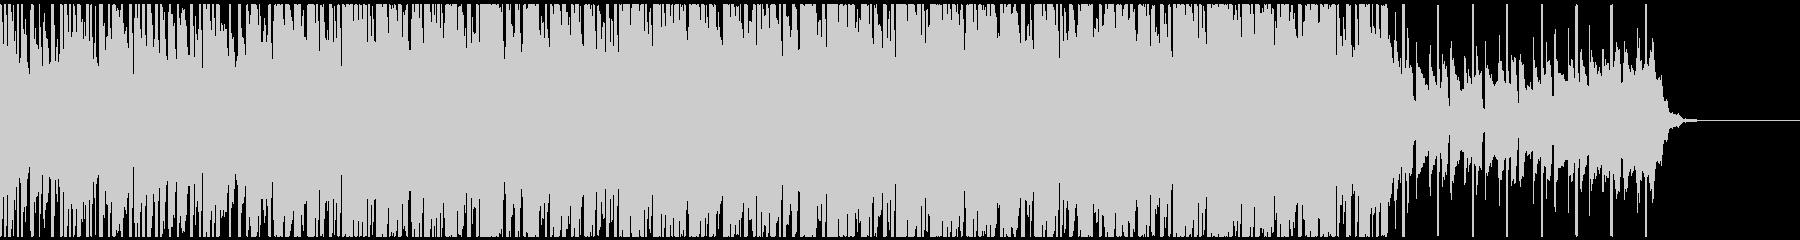 トロピカルハウス(ショートバージョン)の未再生の波形